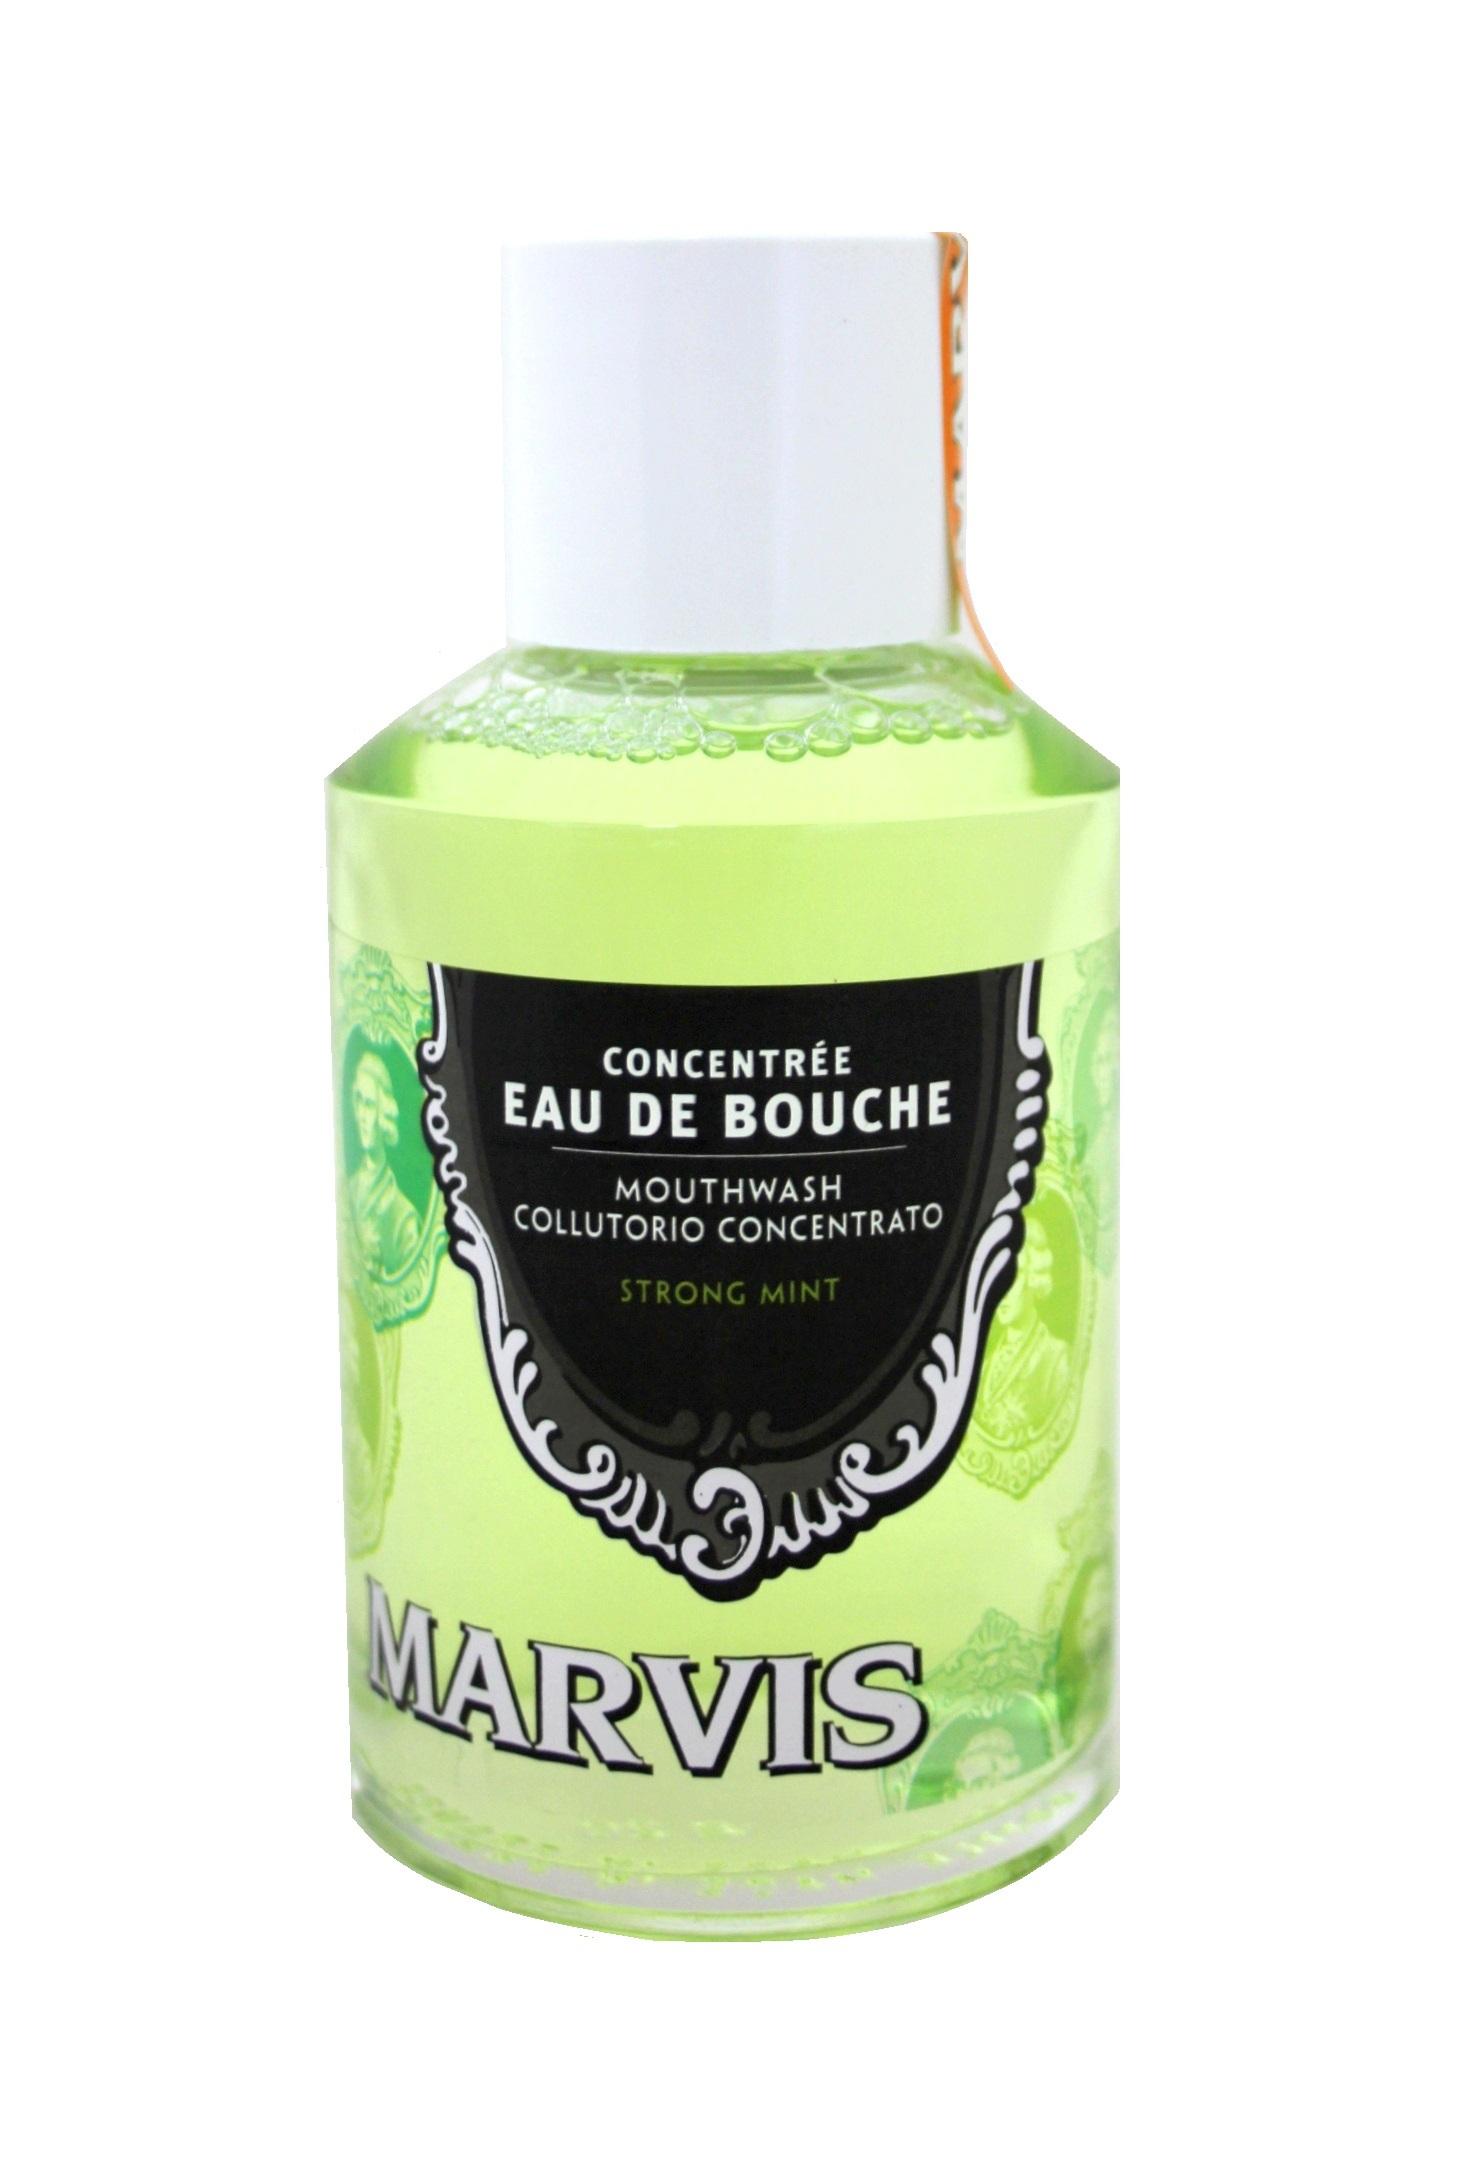 Marvis Eau de Bouche Mouthwash Strong Mint